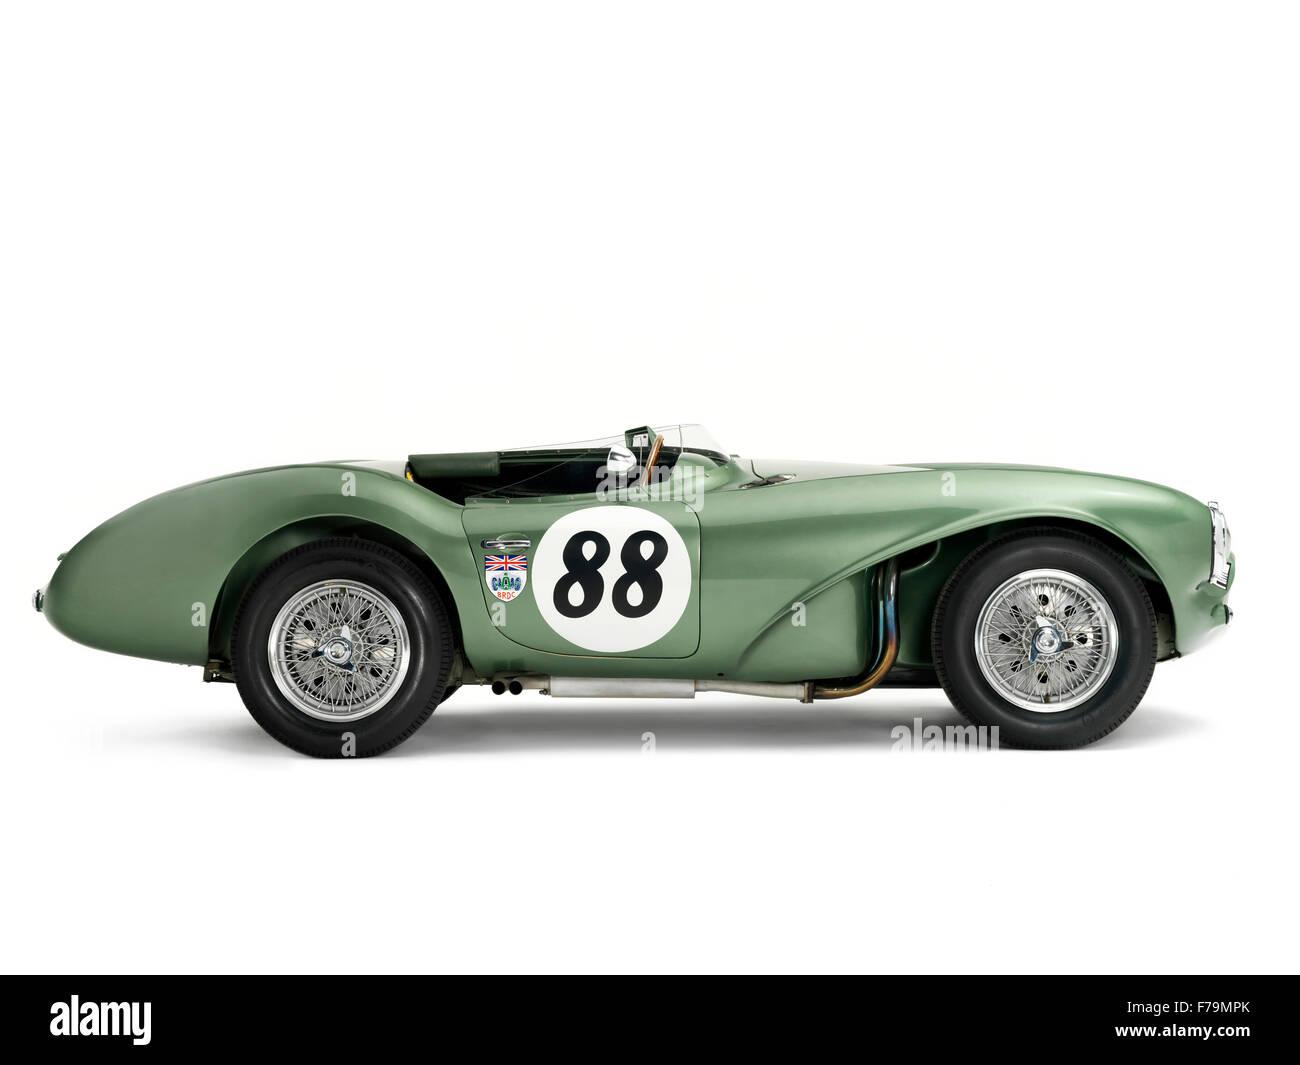 Studio Foto des grünen Aston Martin DB3s Sportwagen. Weißem Hintergrund Stockbild